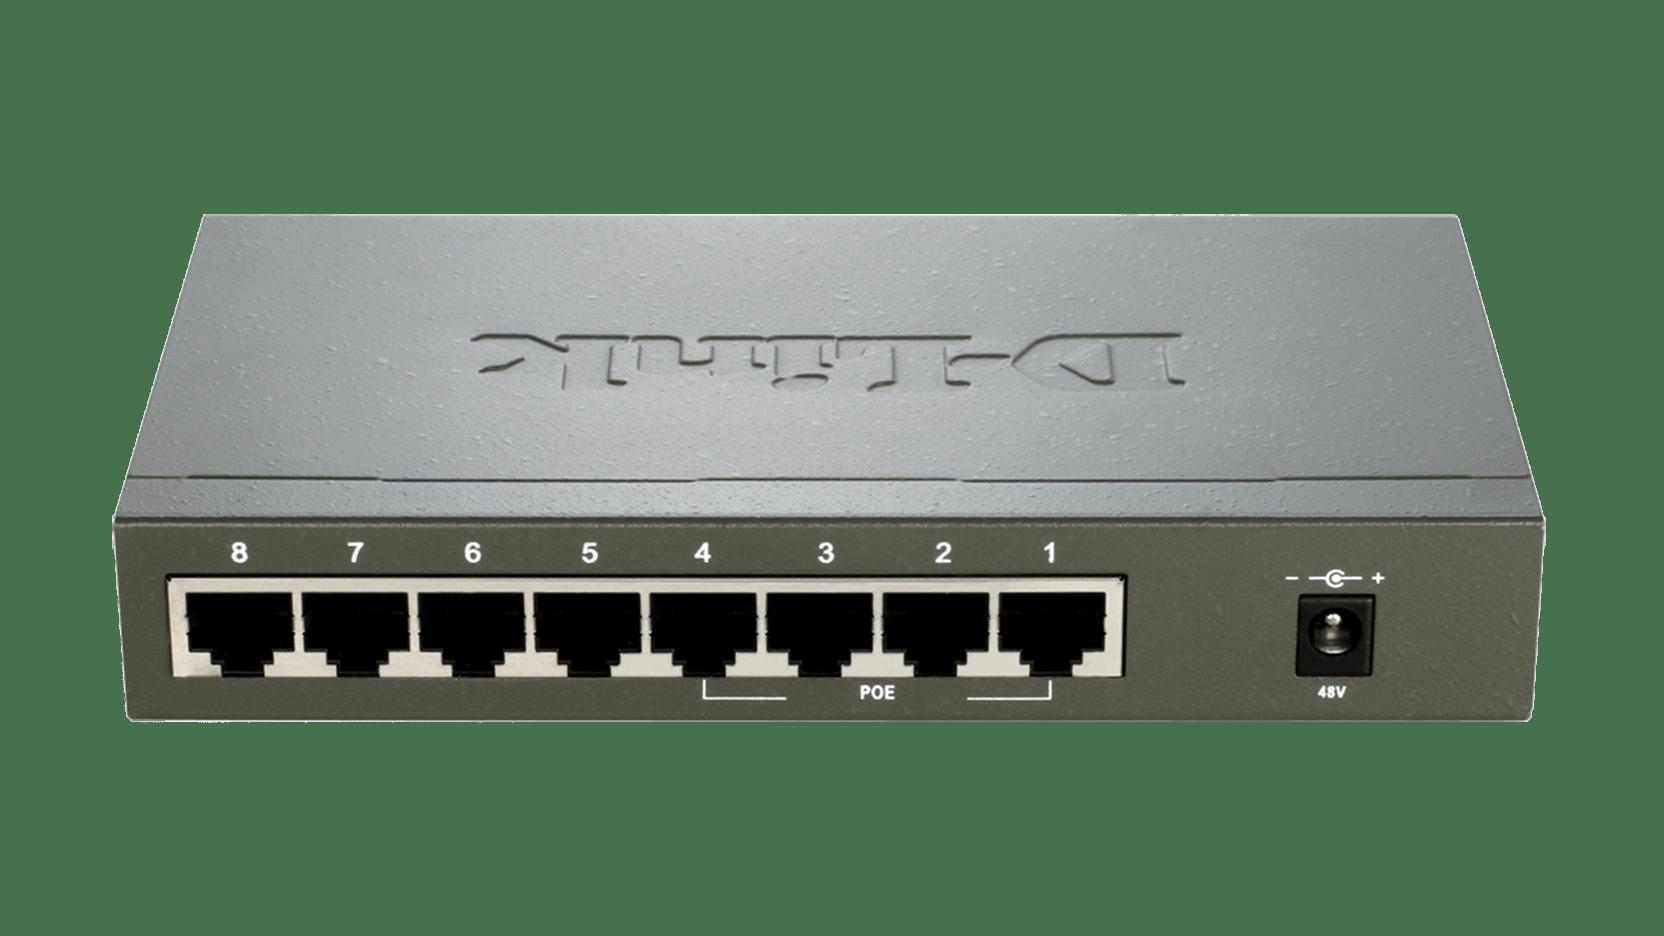 DES-1008PA 8-Port Fast Ethernet PoE Desktop Switch   D-Link UK